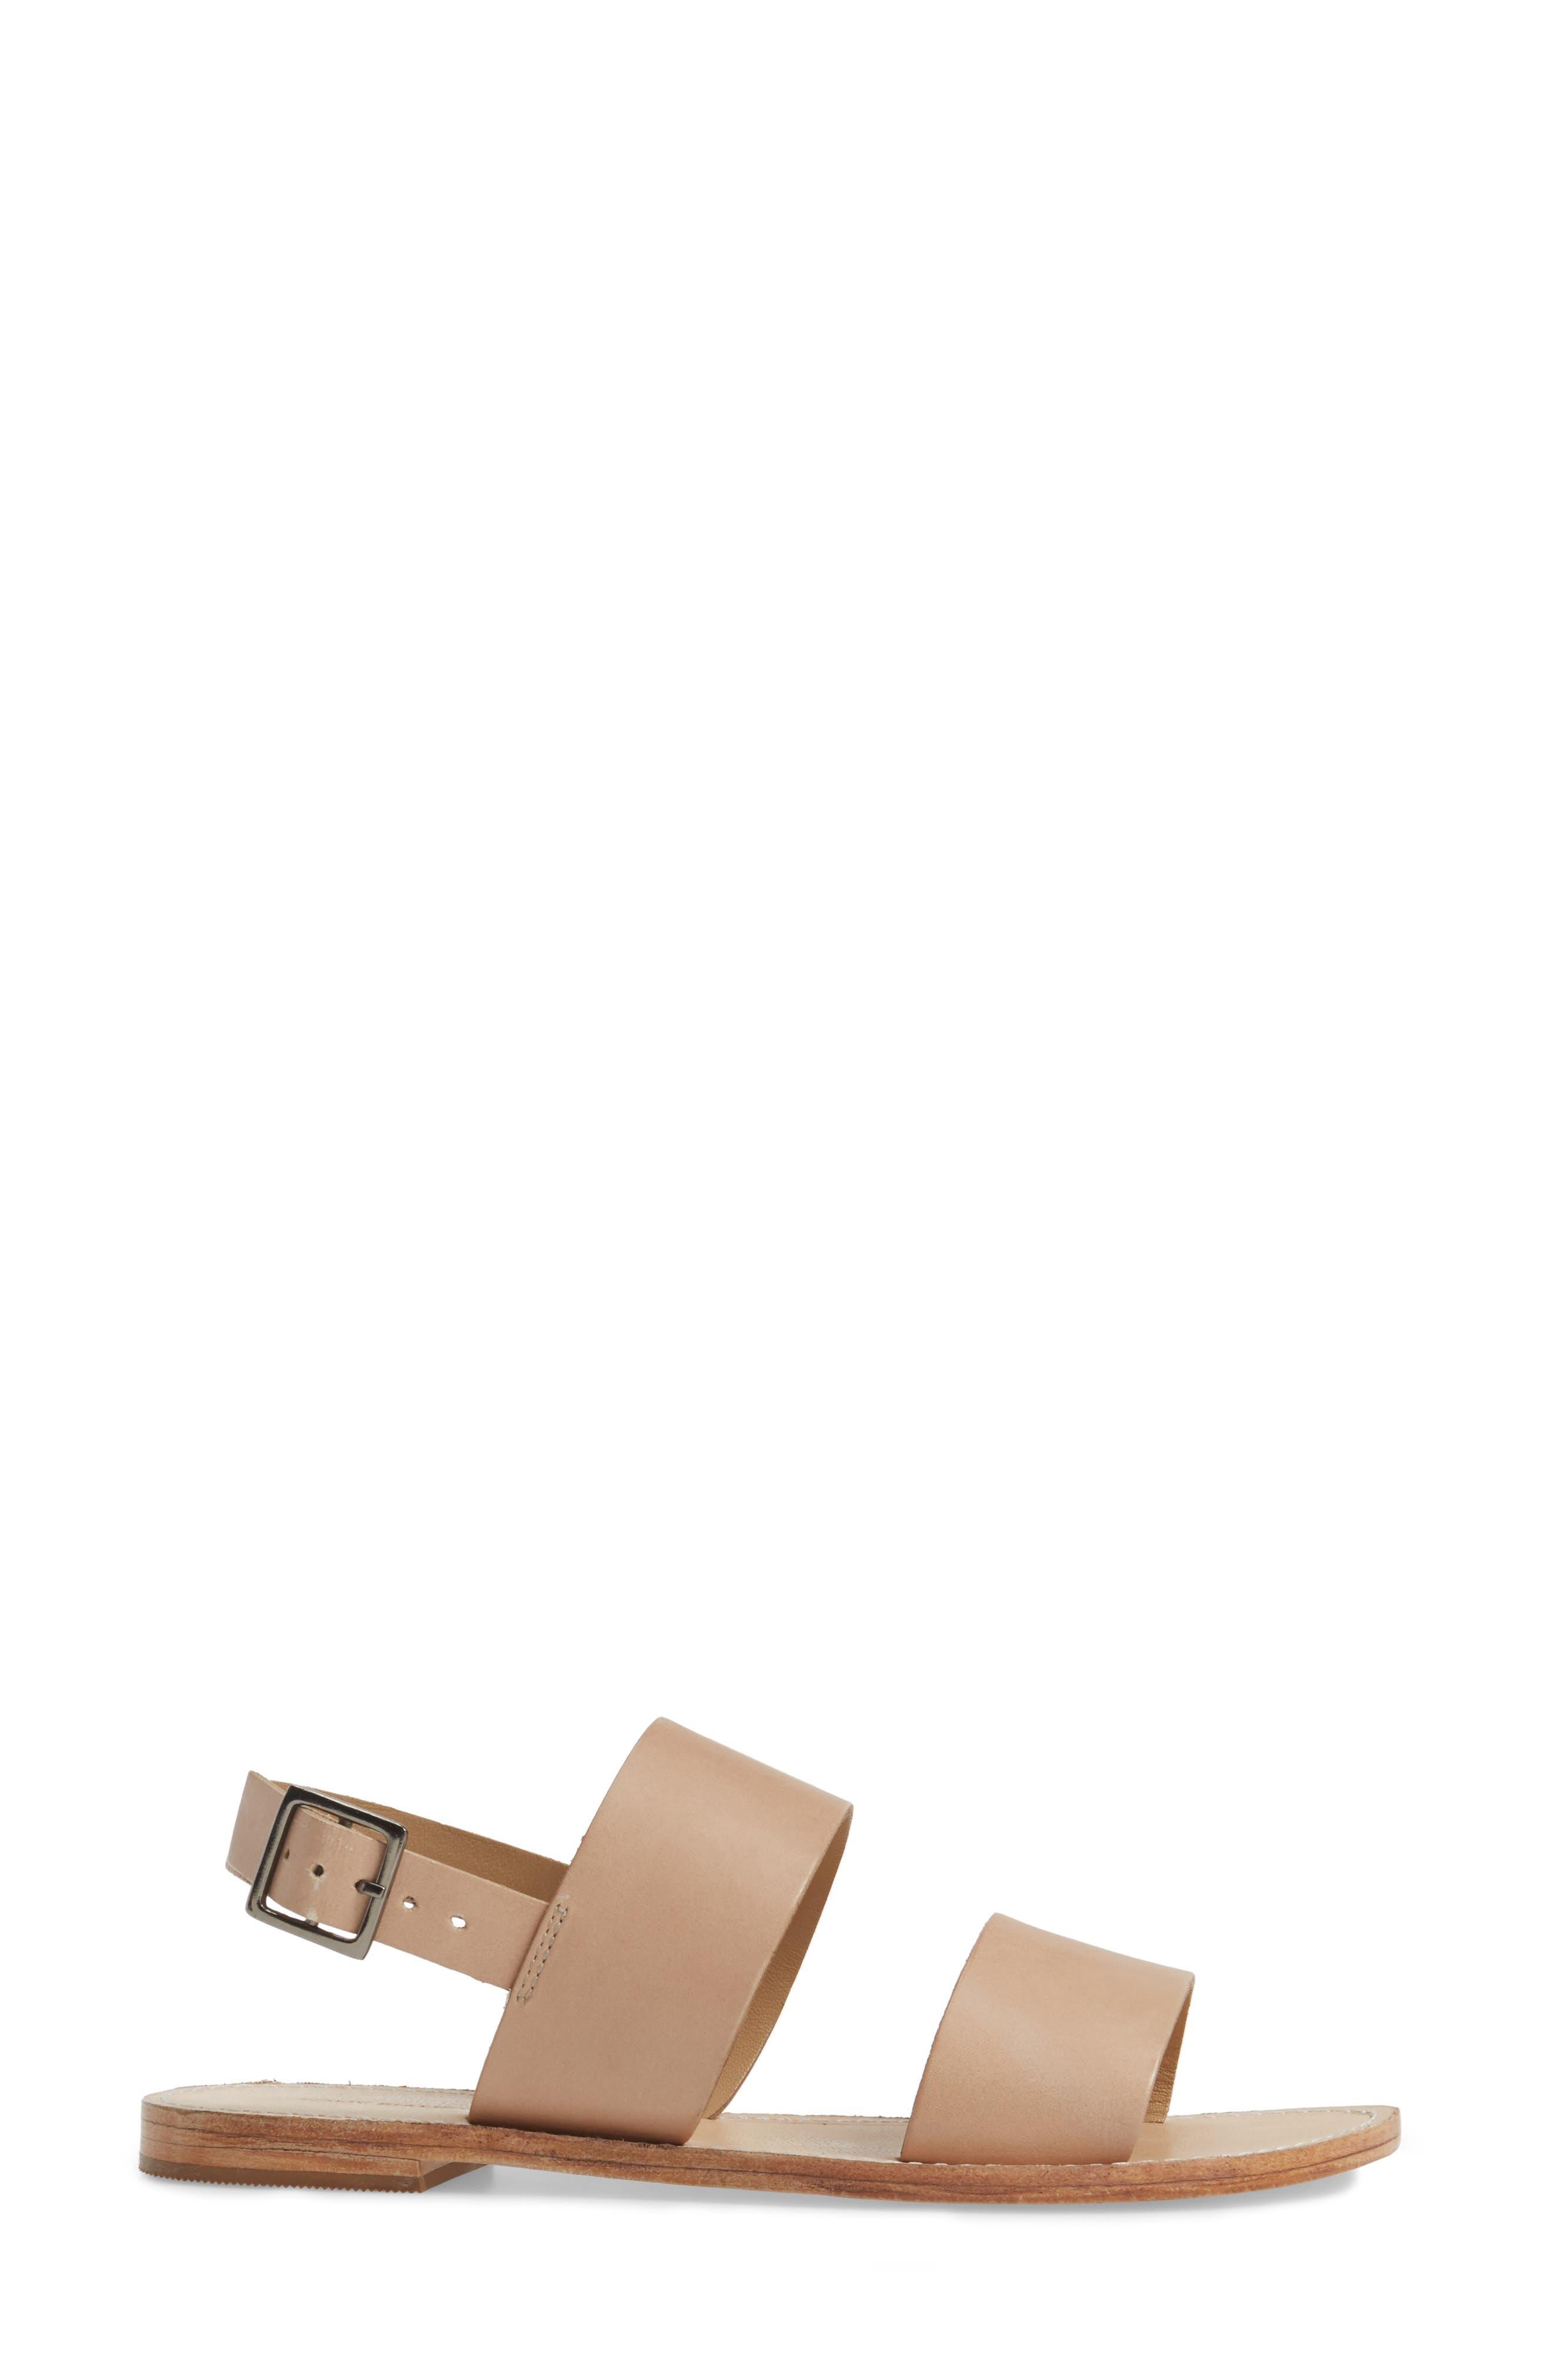 Filante Slingback Sandal,                             Alternate thumbnail 6, color,